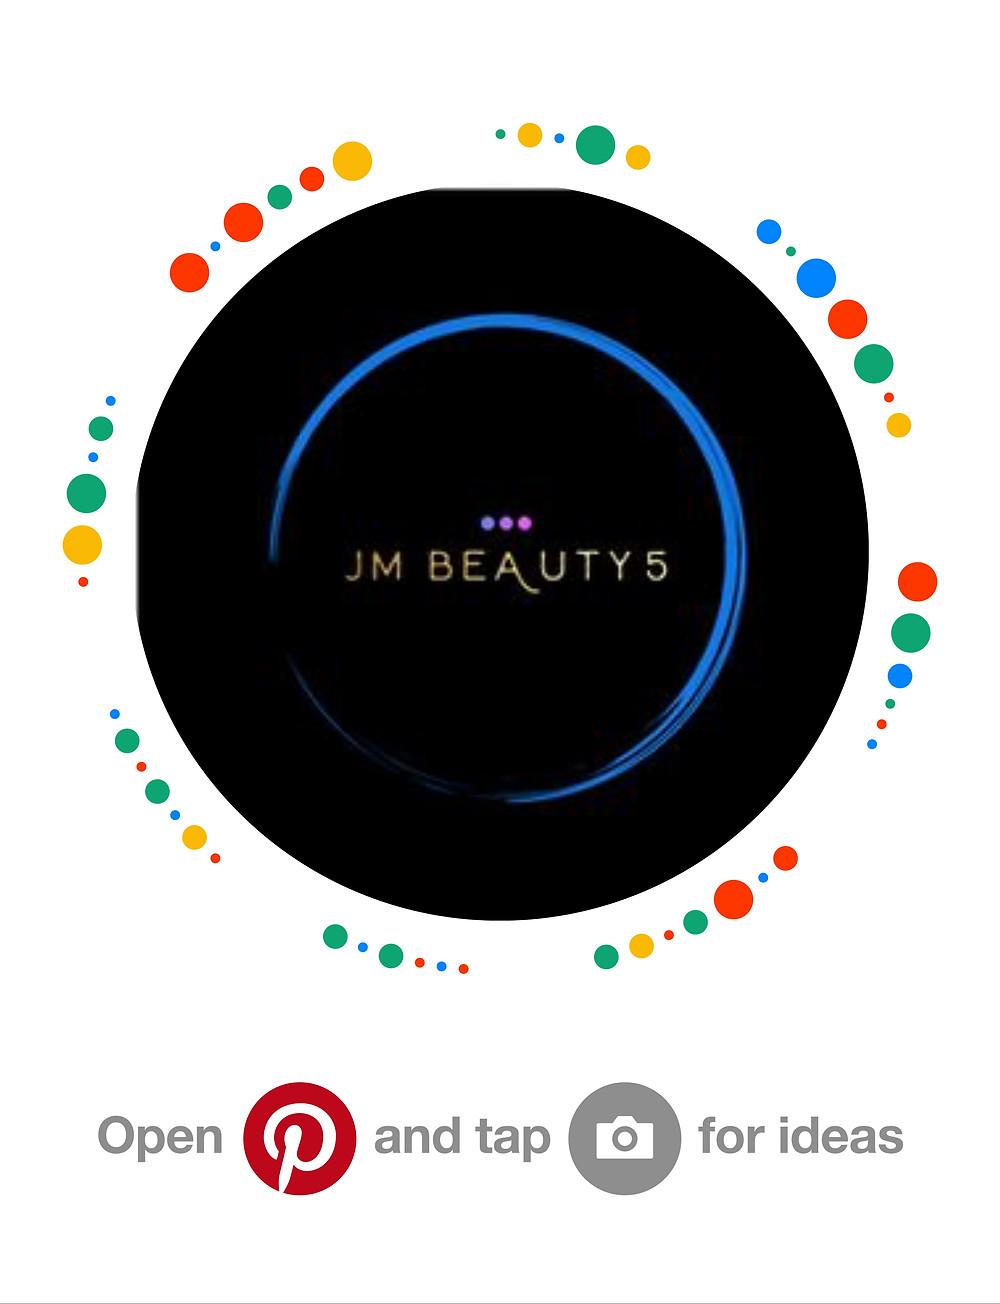 JM BEAUTY 5 on Pinterest